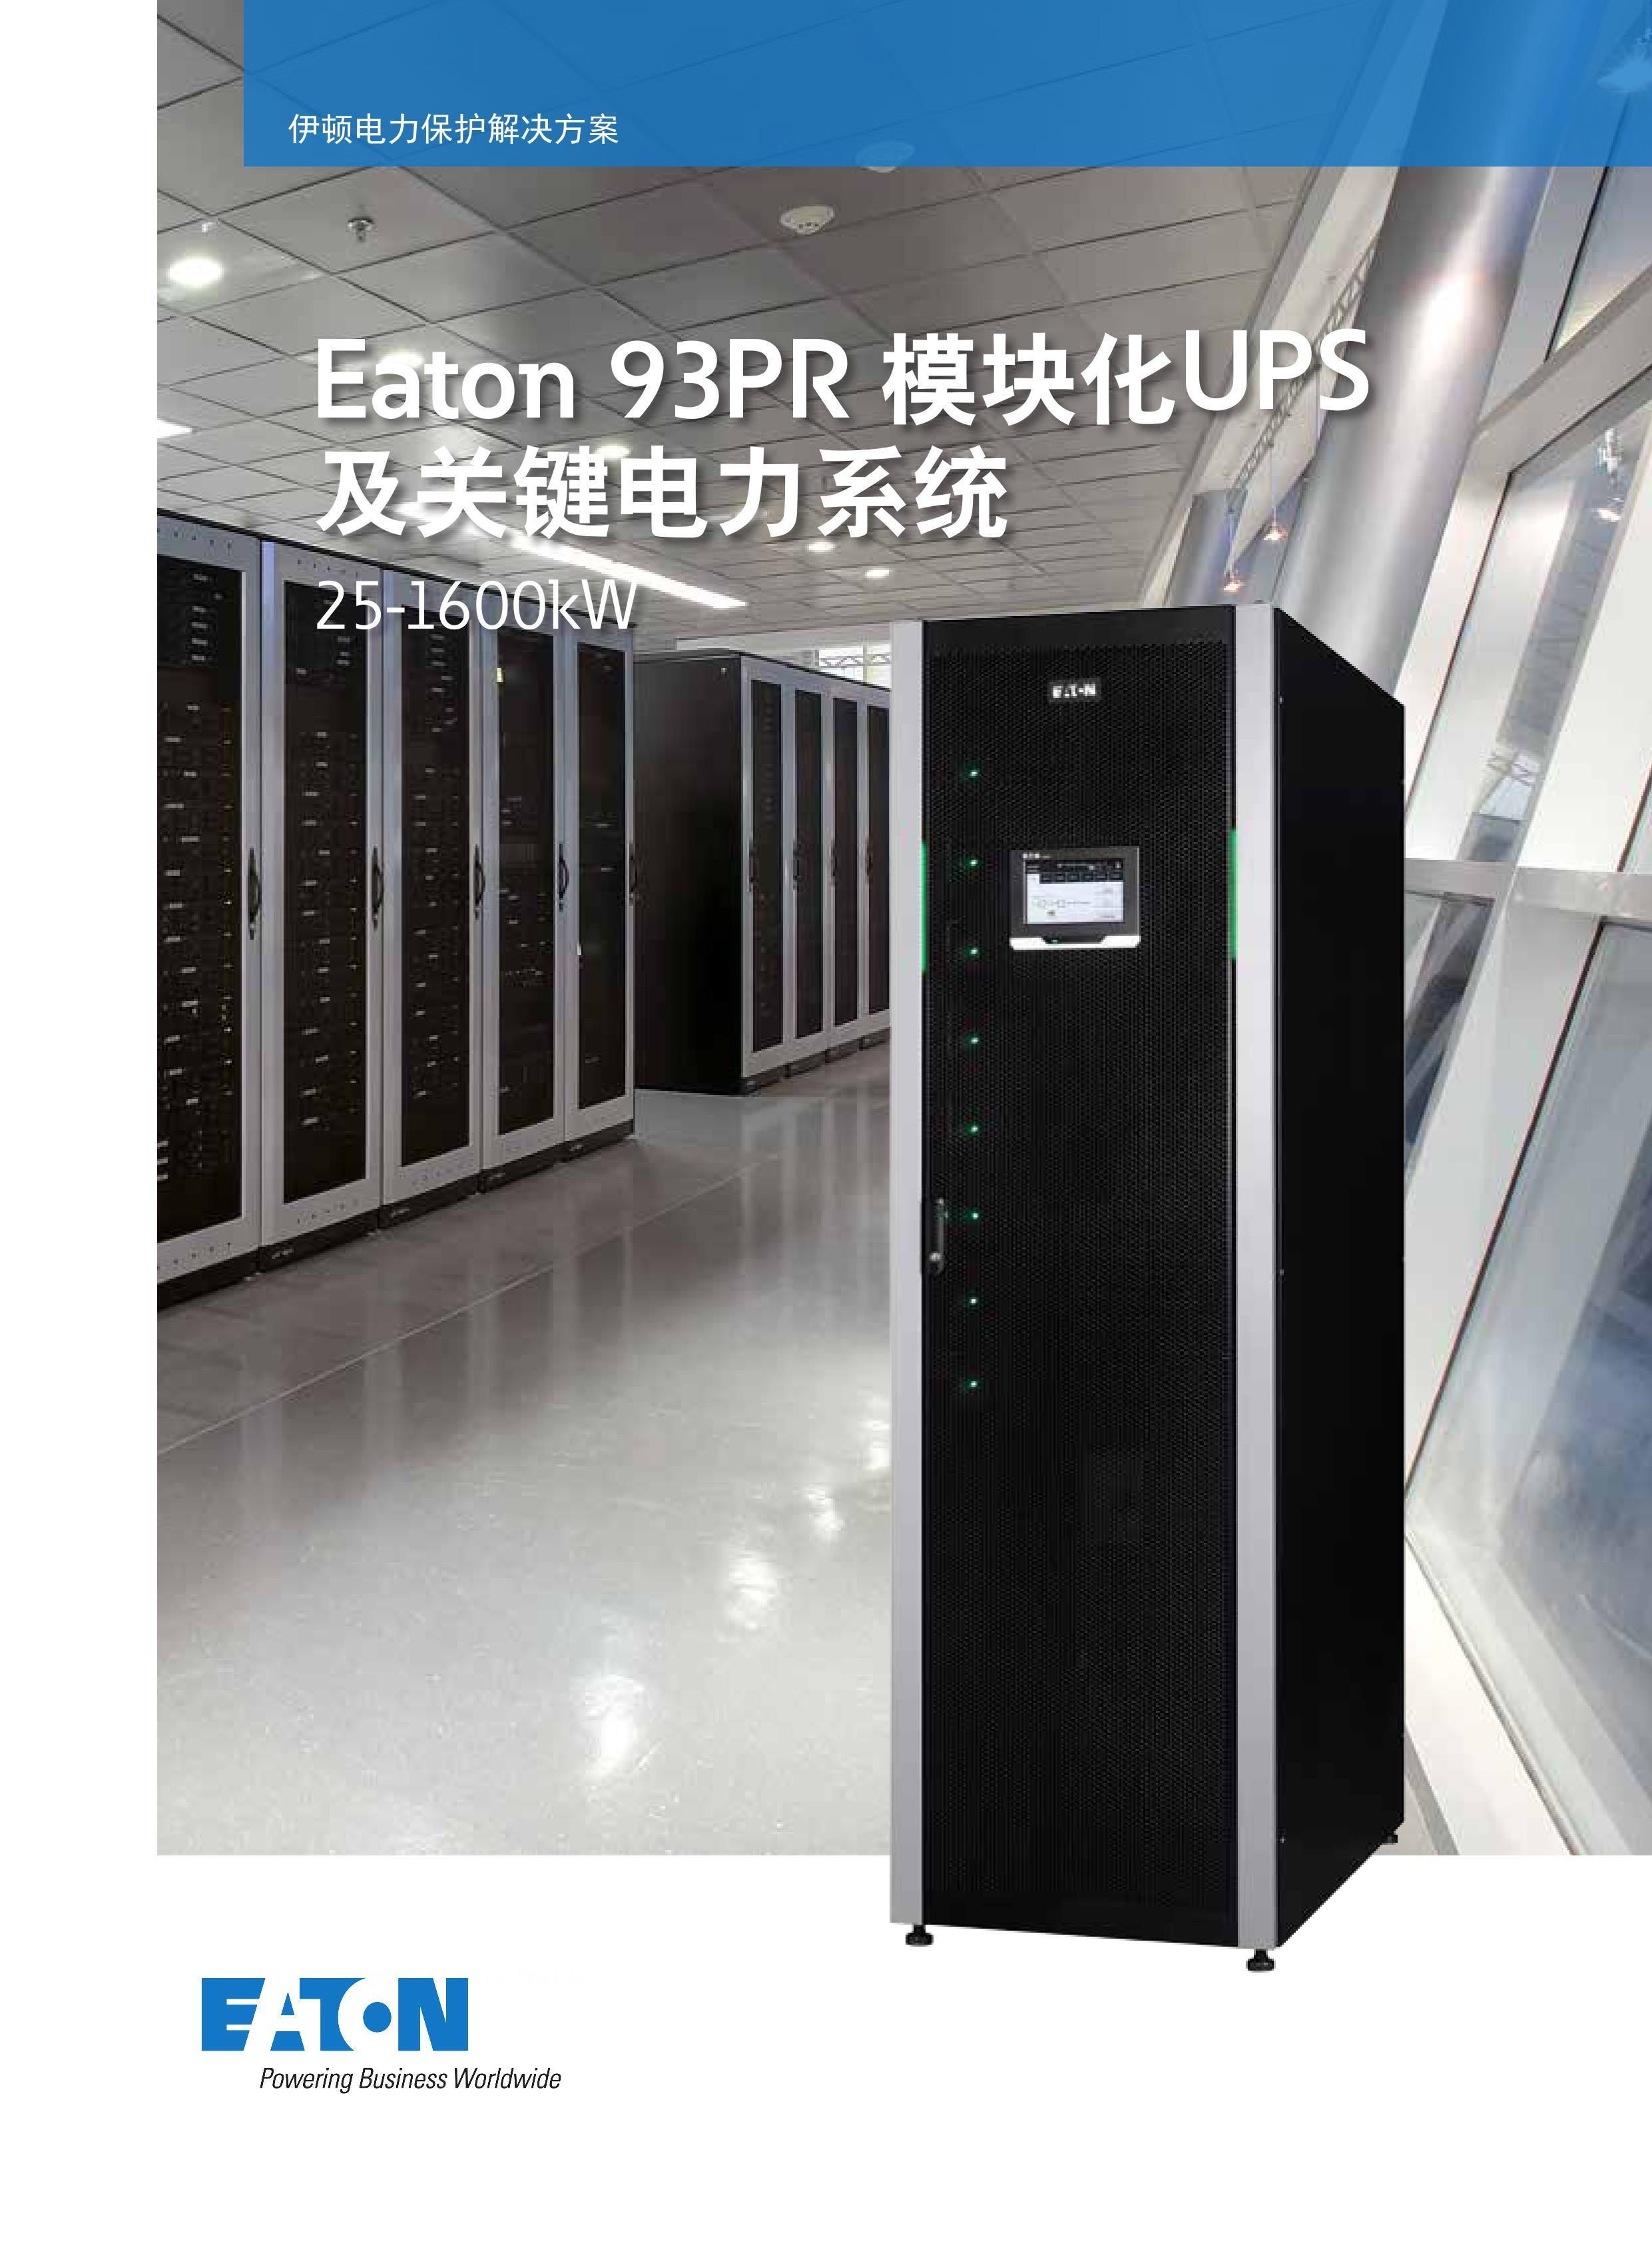 伊顿93PR模块化系列UPS